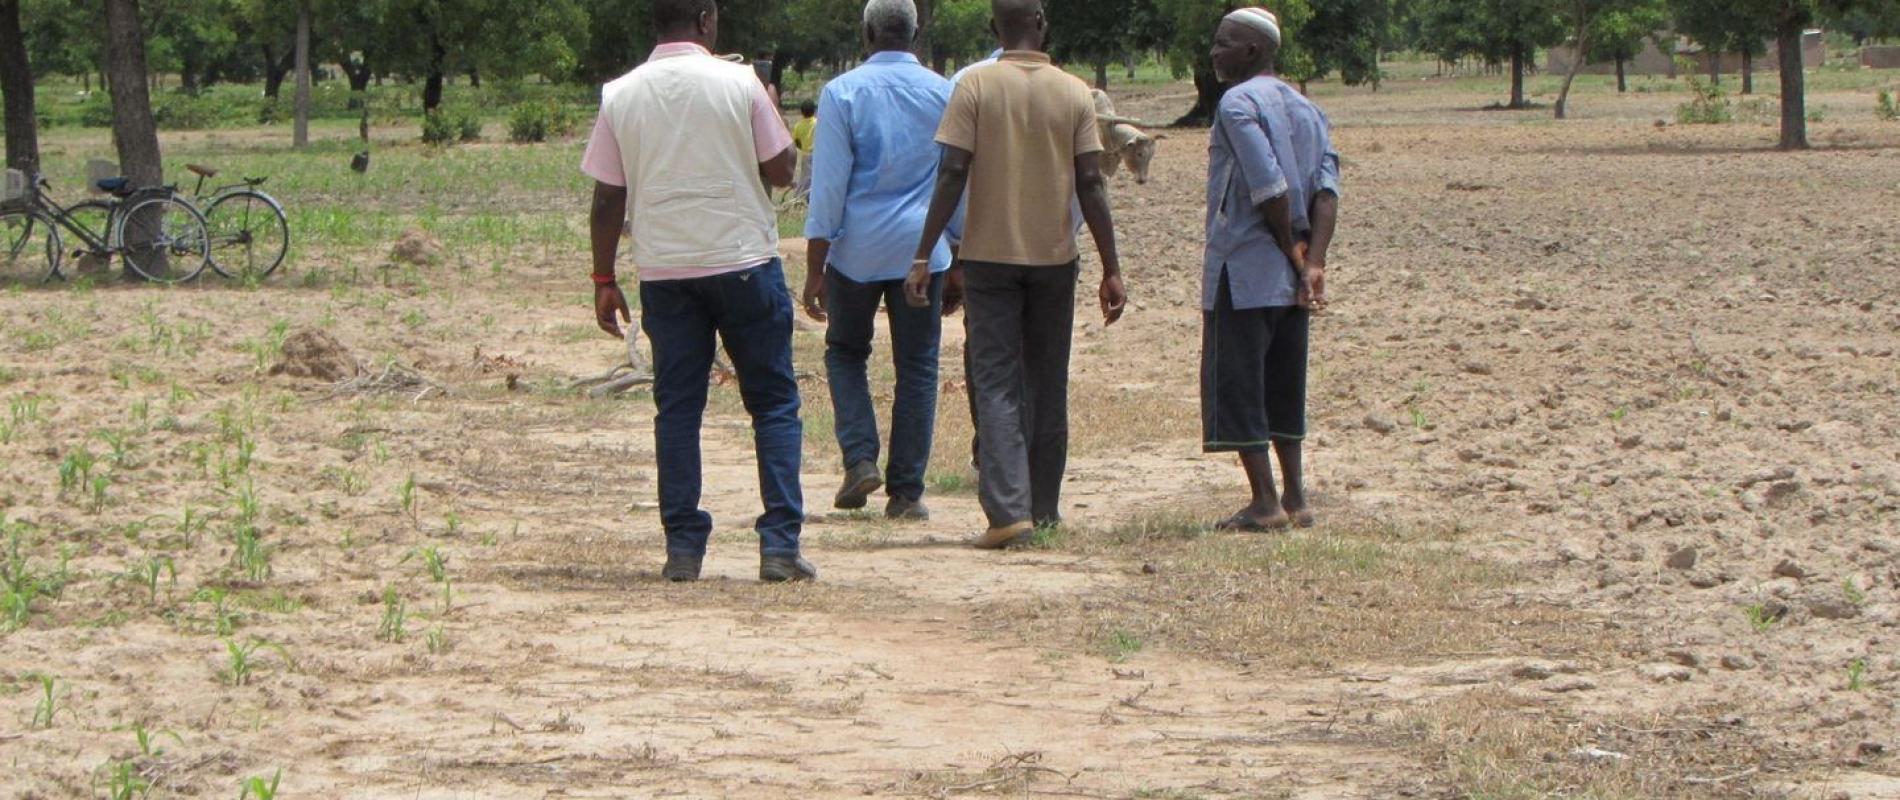 de boer verwelkomt de partners op zijn maisveld